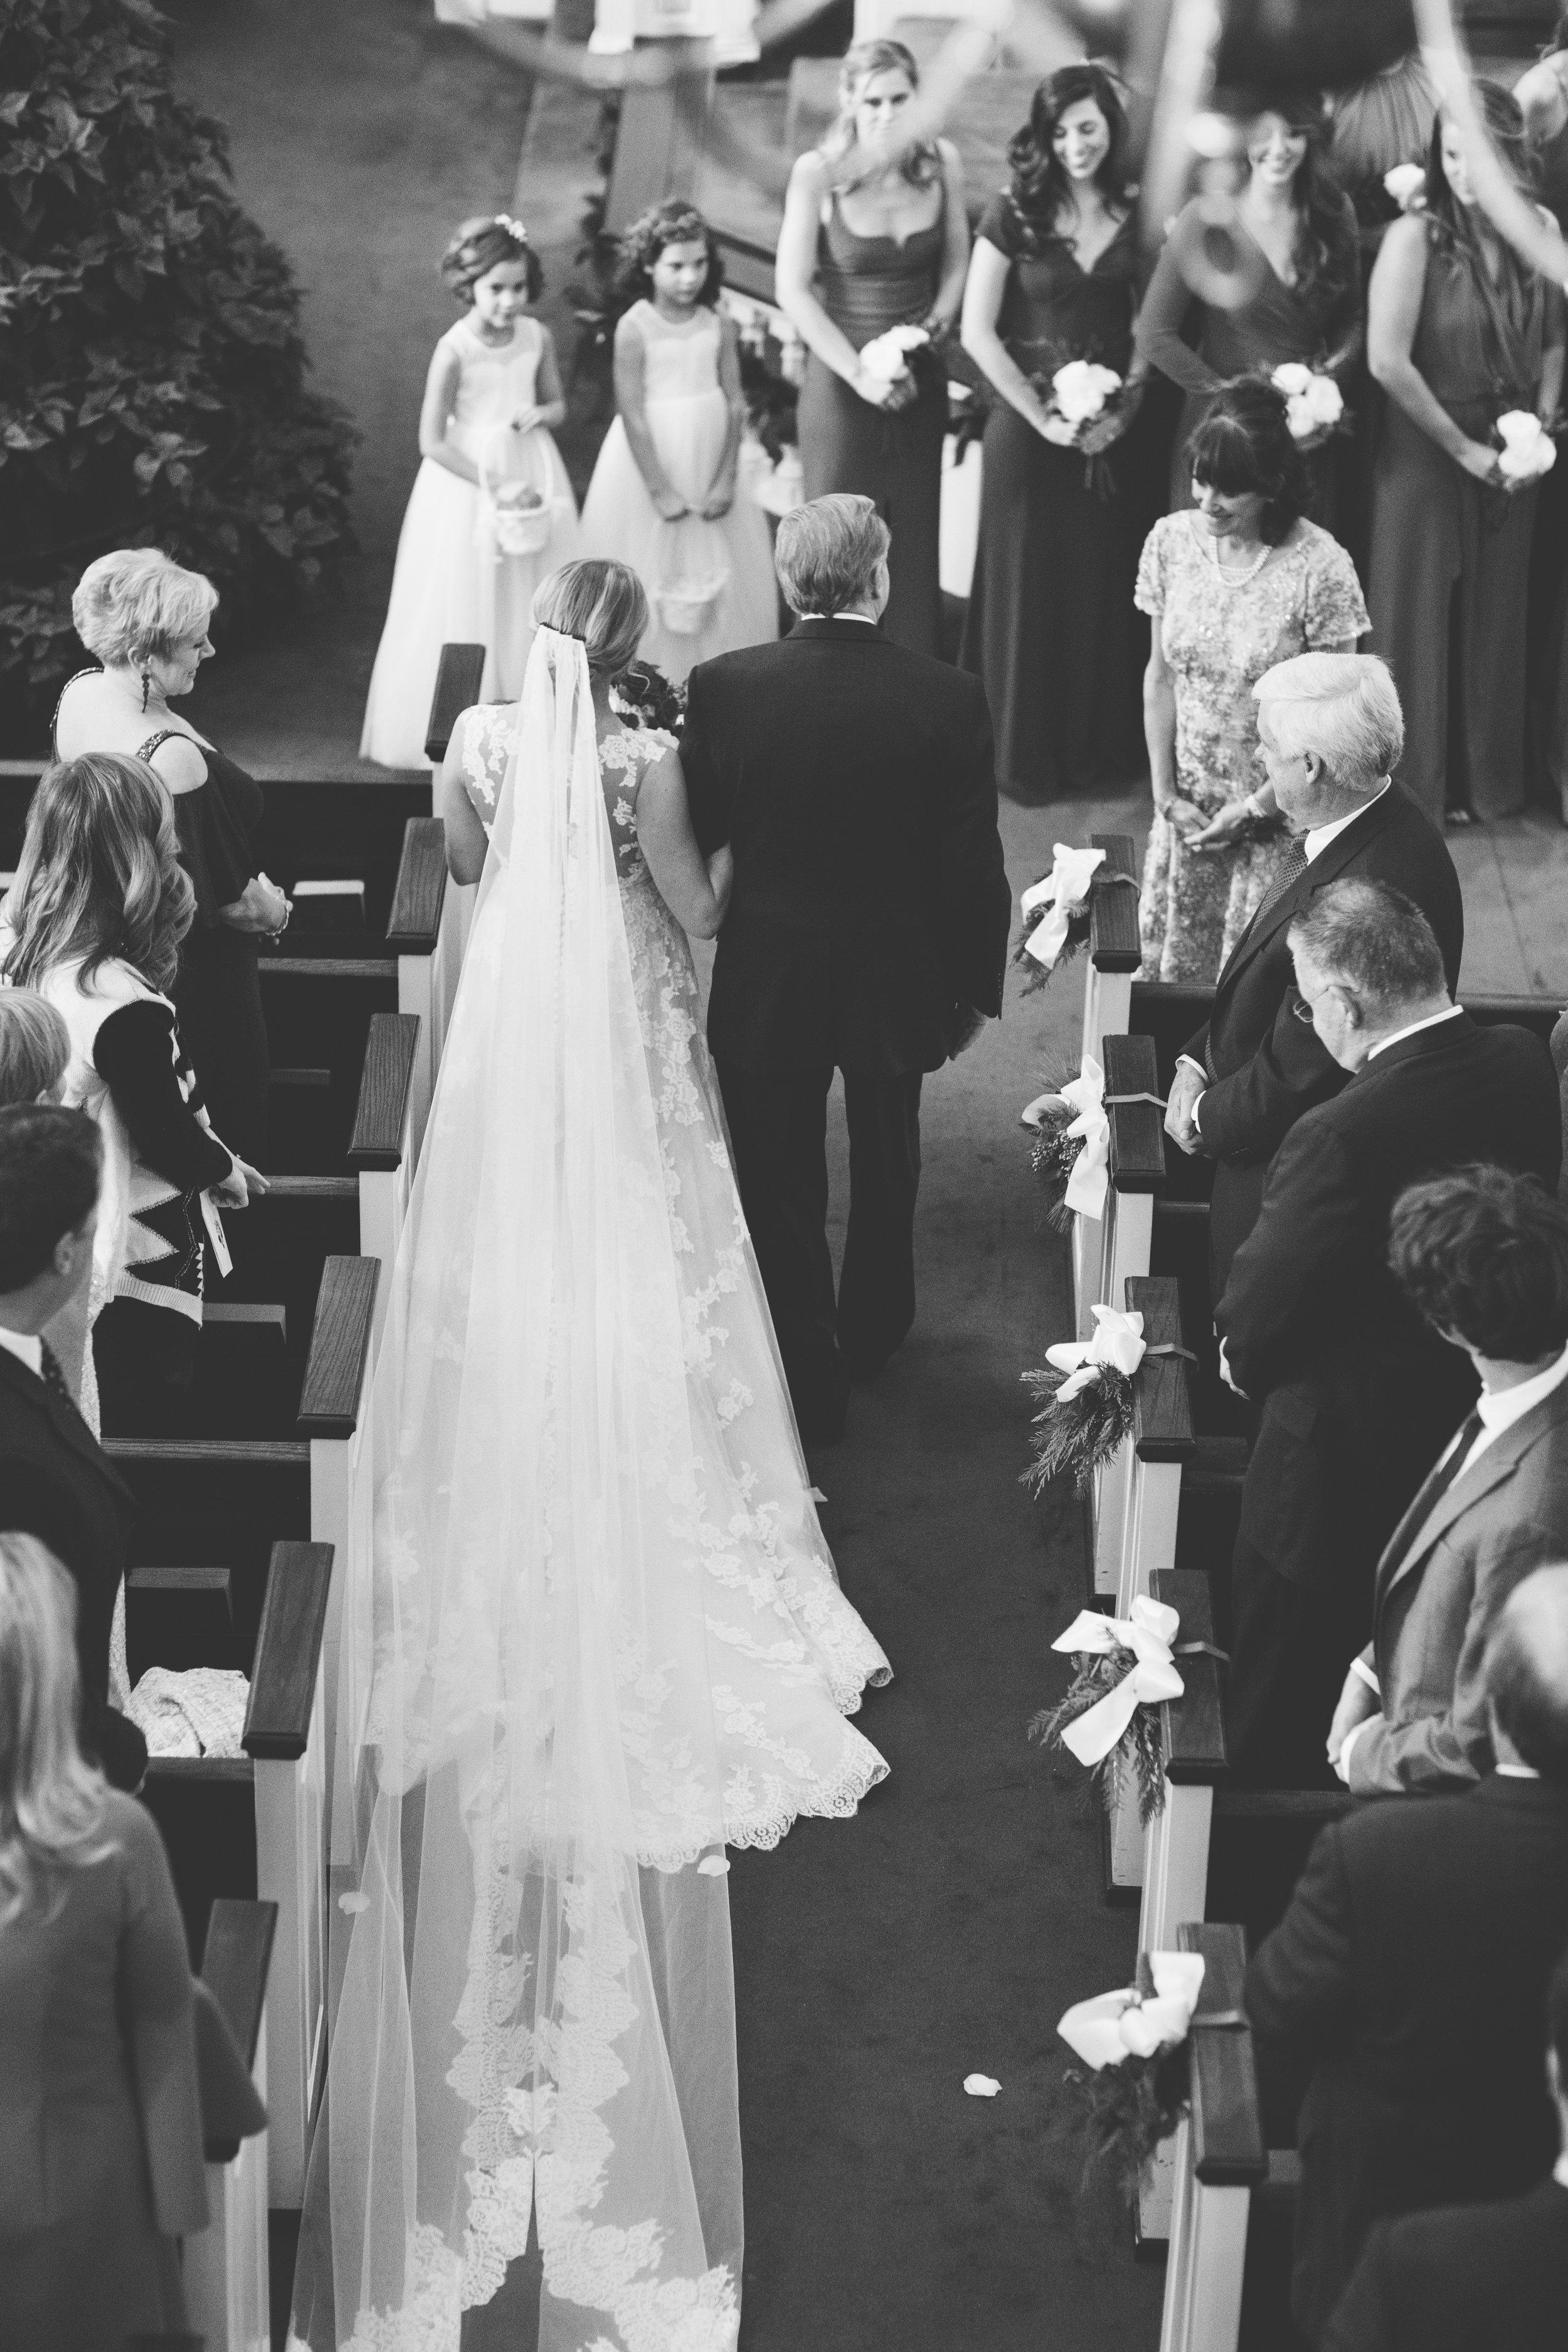 deane-ceremony-29.jpg